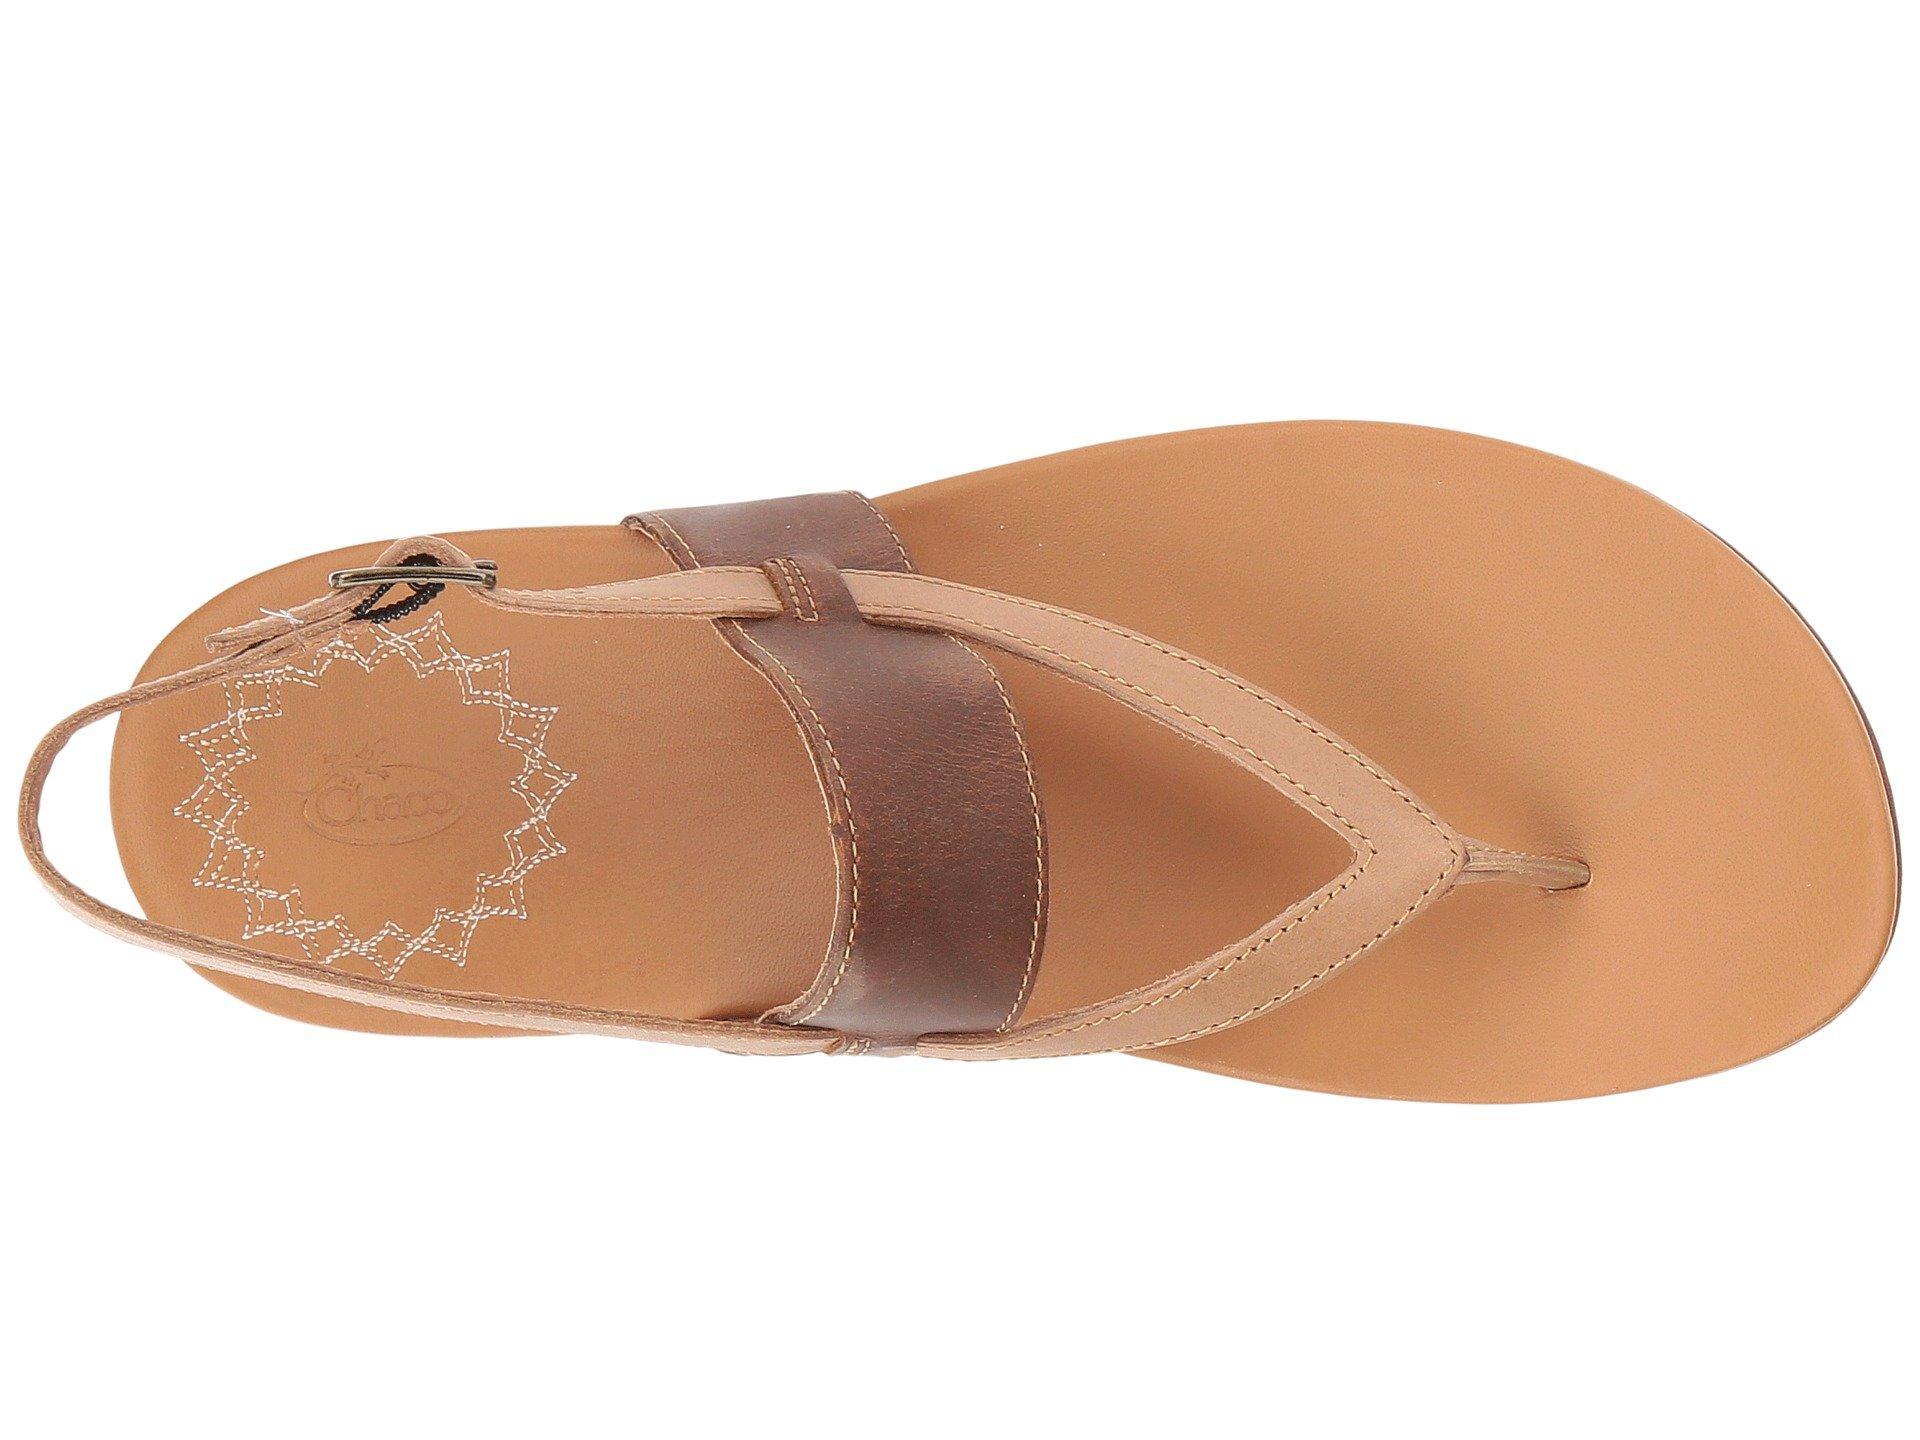 80f794bdd043 Chaco - Brown Maya Ii (black) Women s Sandals - Lyst. View fullscreen